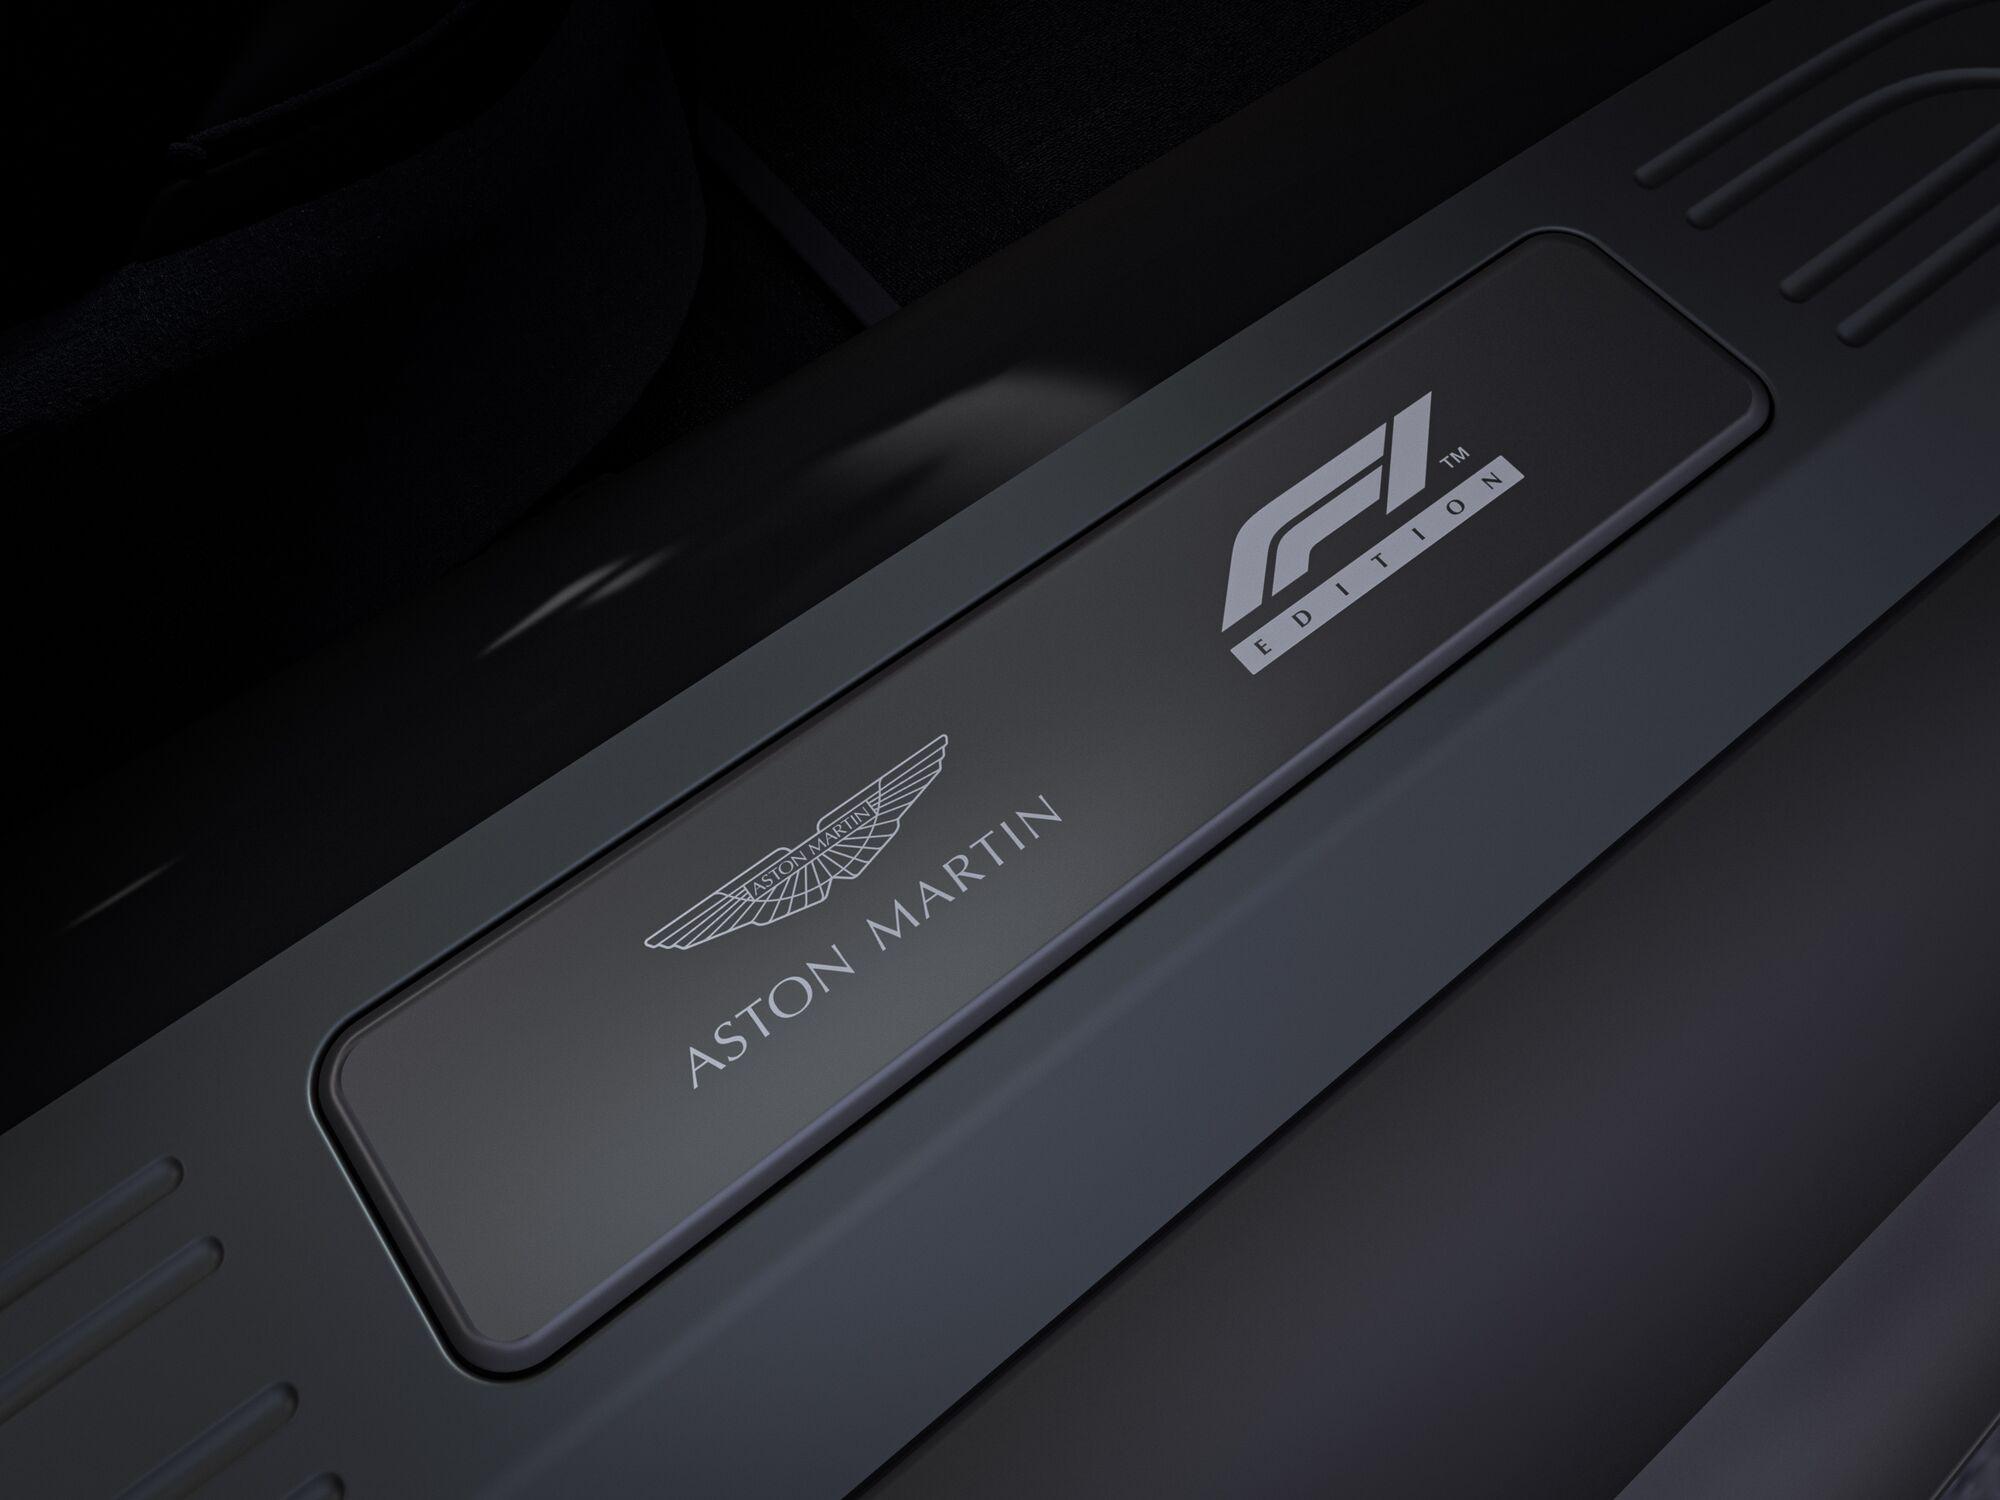 JPG Medium-Vantage F1 Edition (17).jpg